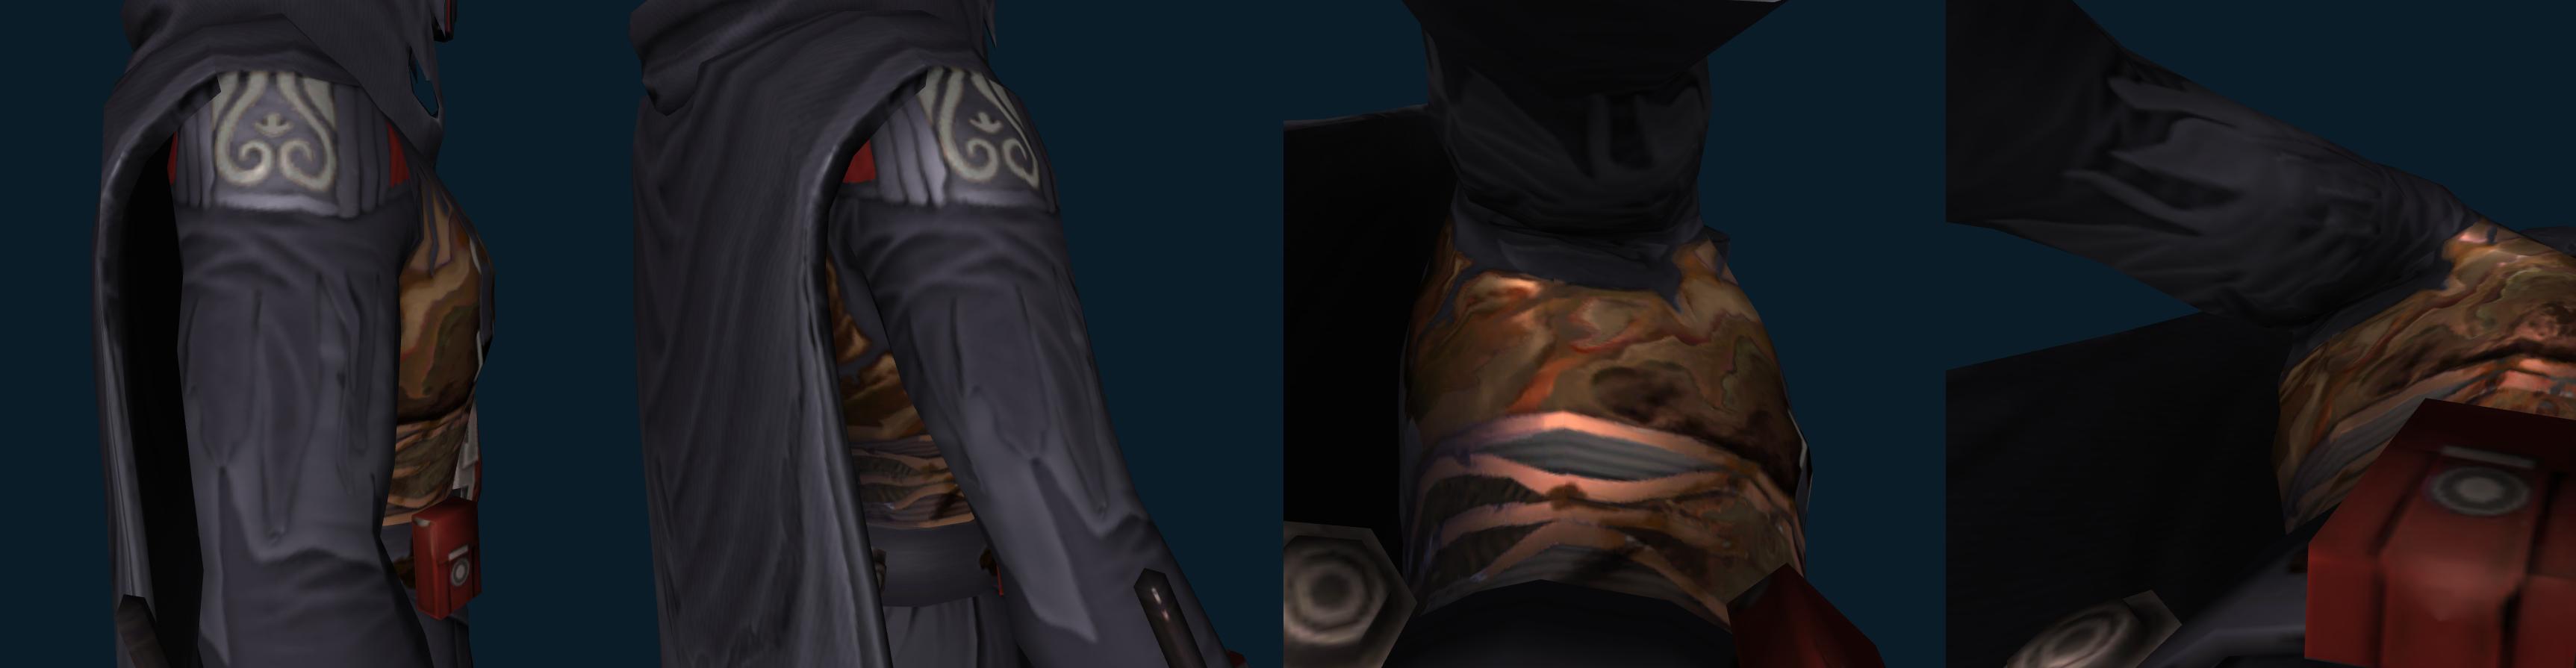 Swtor-SoR-upperarm-profileR.jpg